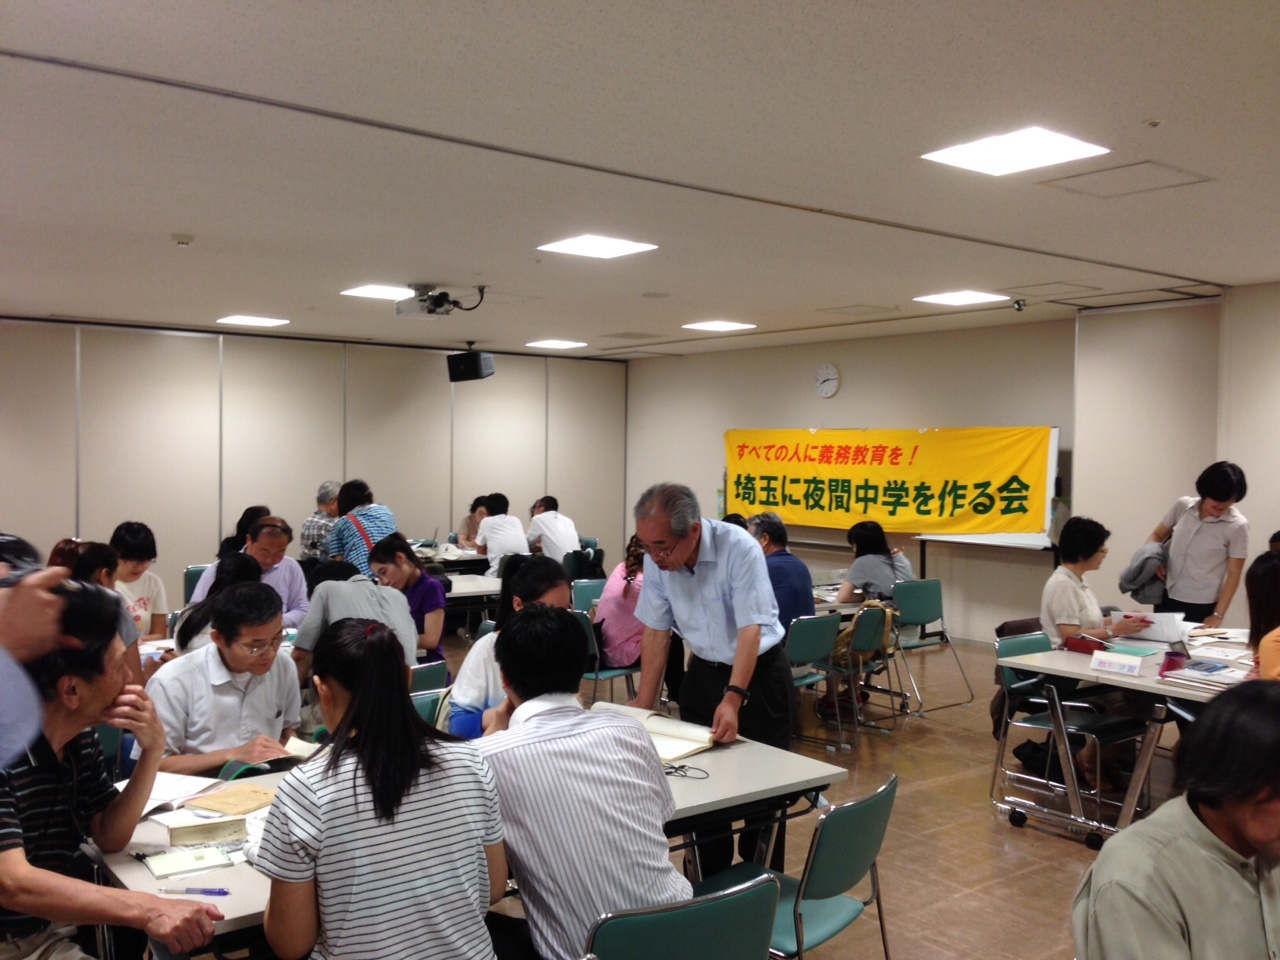 埼玉県に夜間中学校の設置をと運動を続けてきた川口自主夜間中学